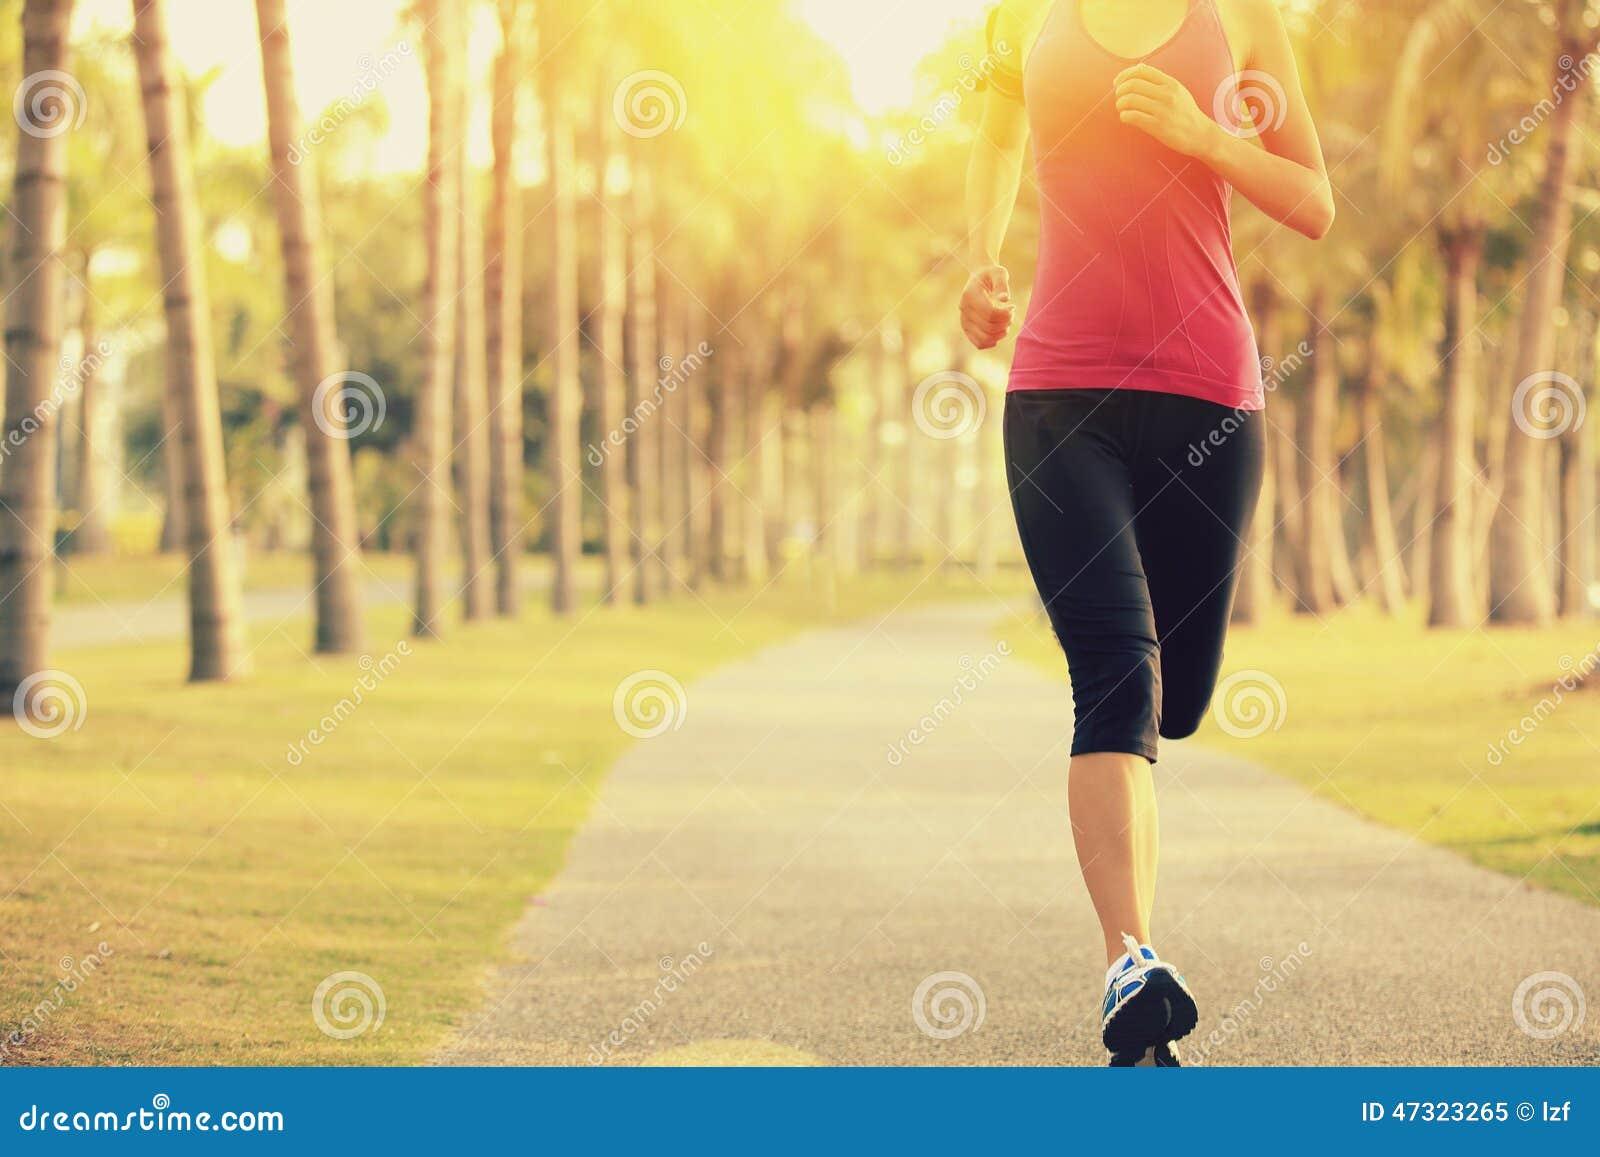 跑在热带公园的赛跑者运动员 妇女健身日出跑步的锻炼